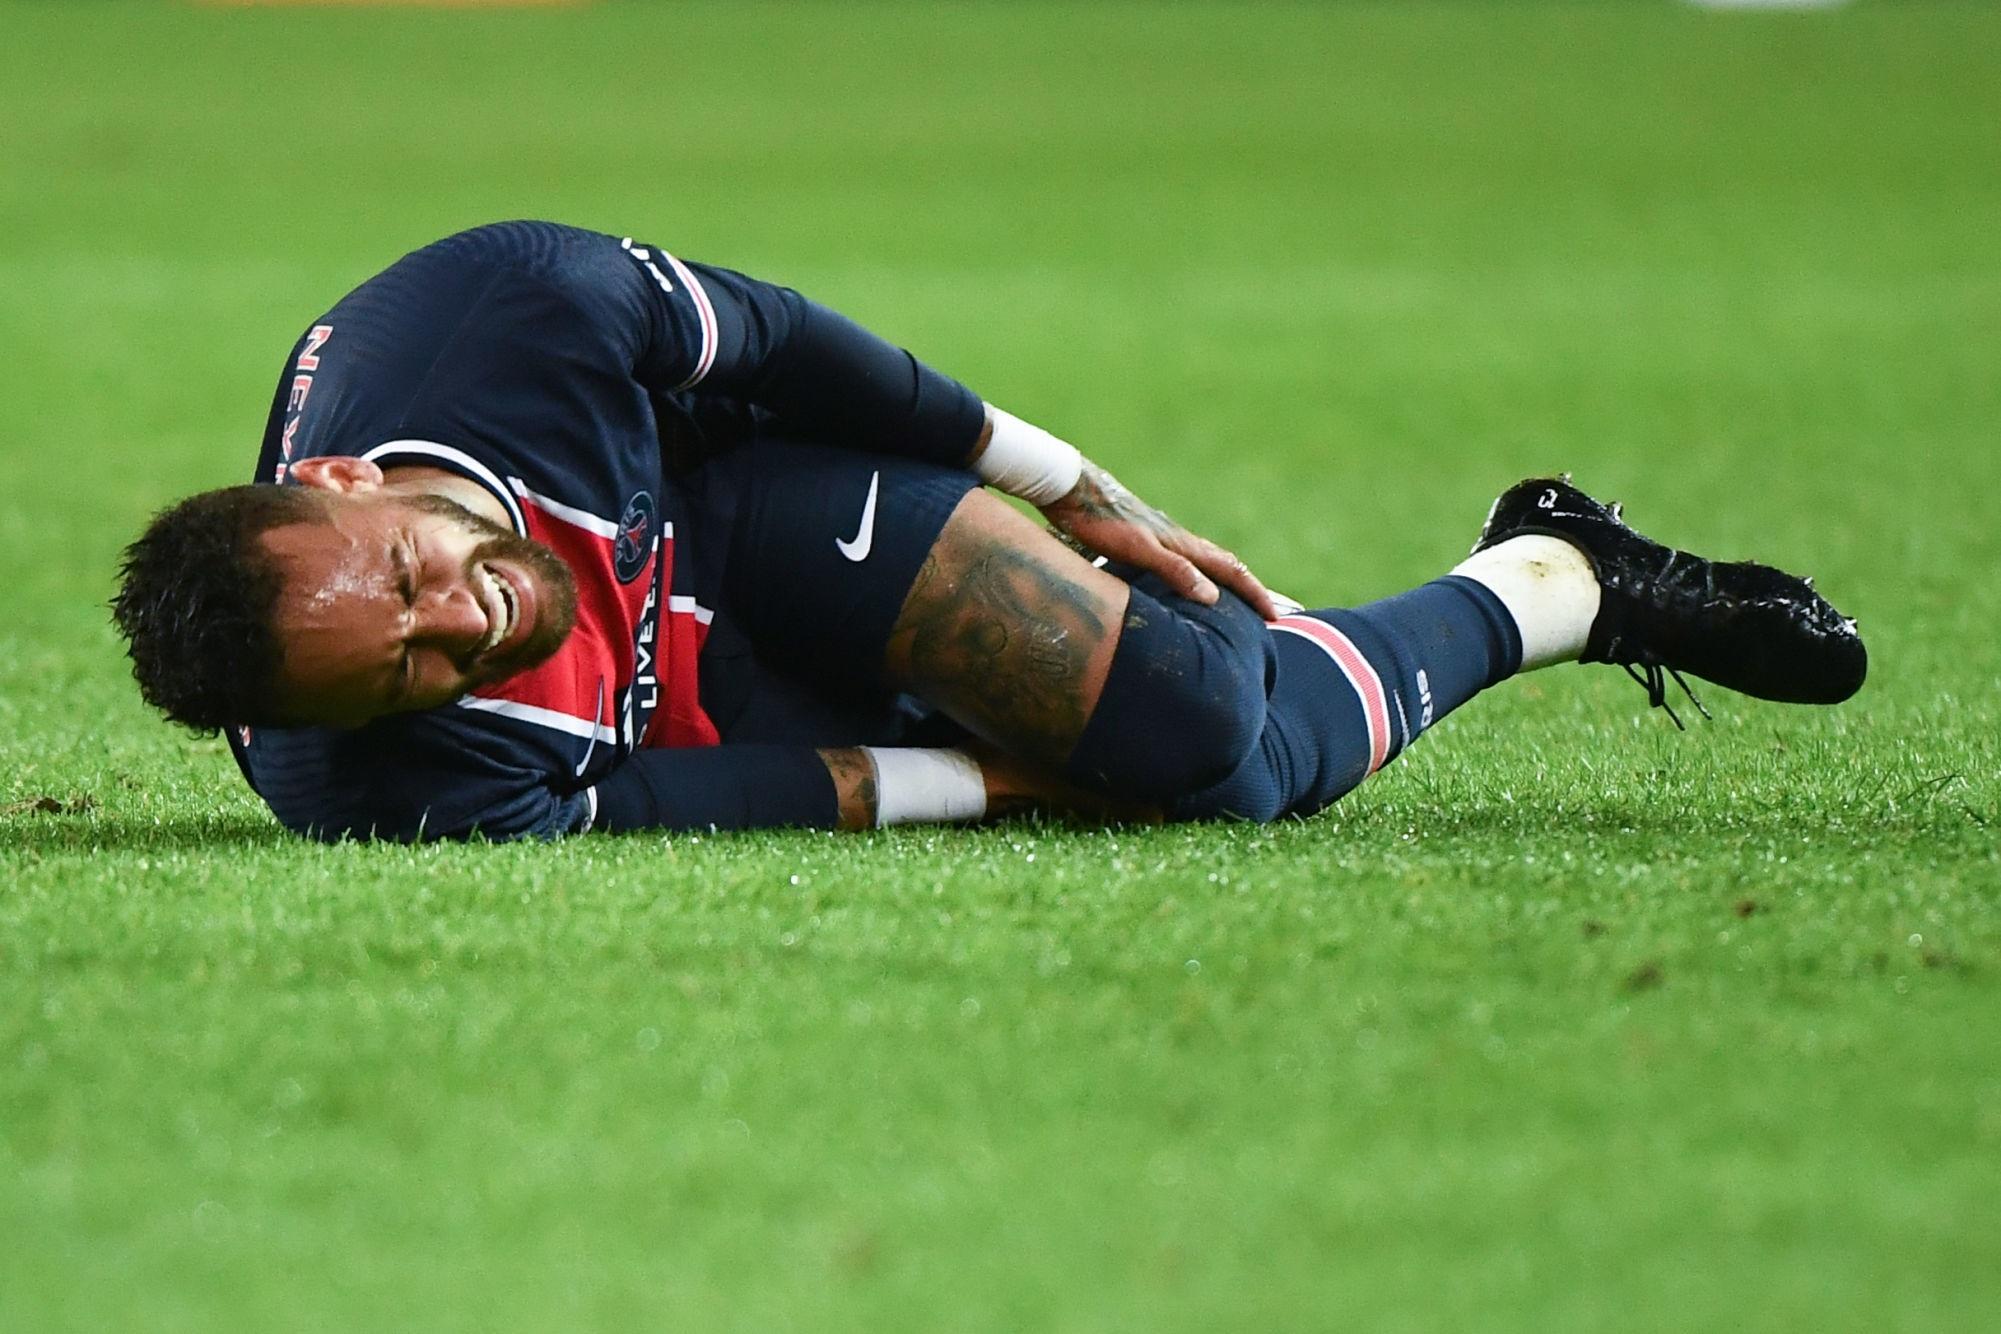 Neymar est le joueur qui subit le plus de fautes en moyenne dans les 5 grands championnats